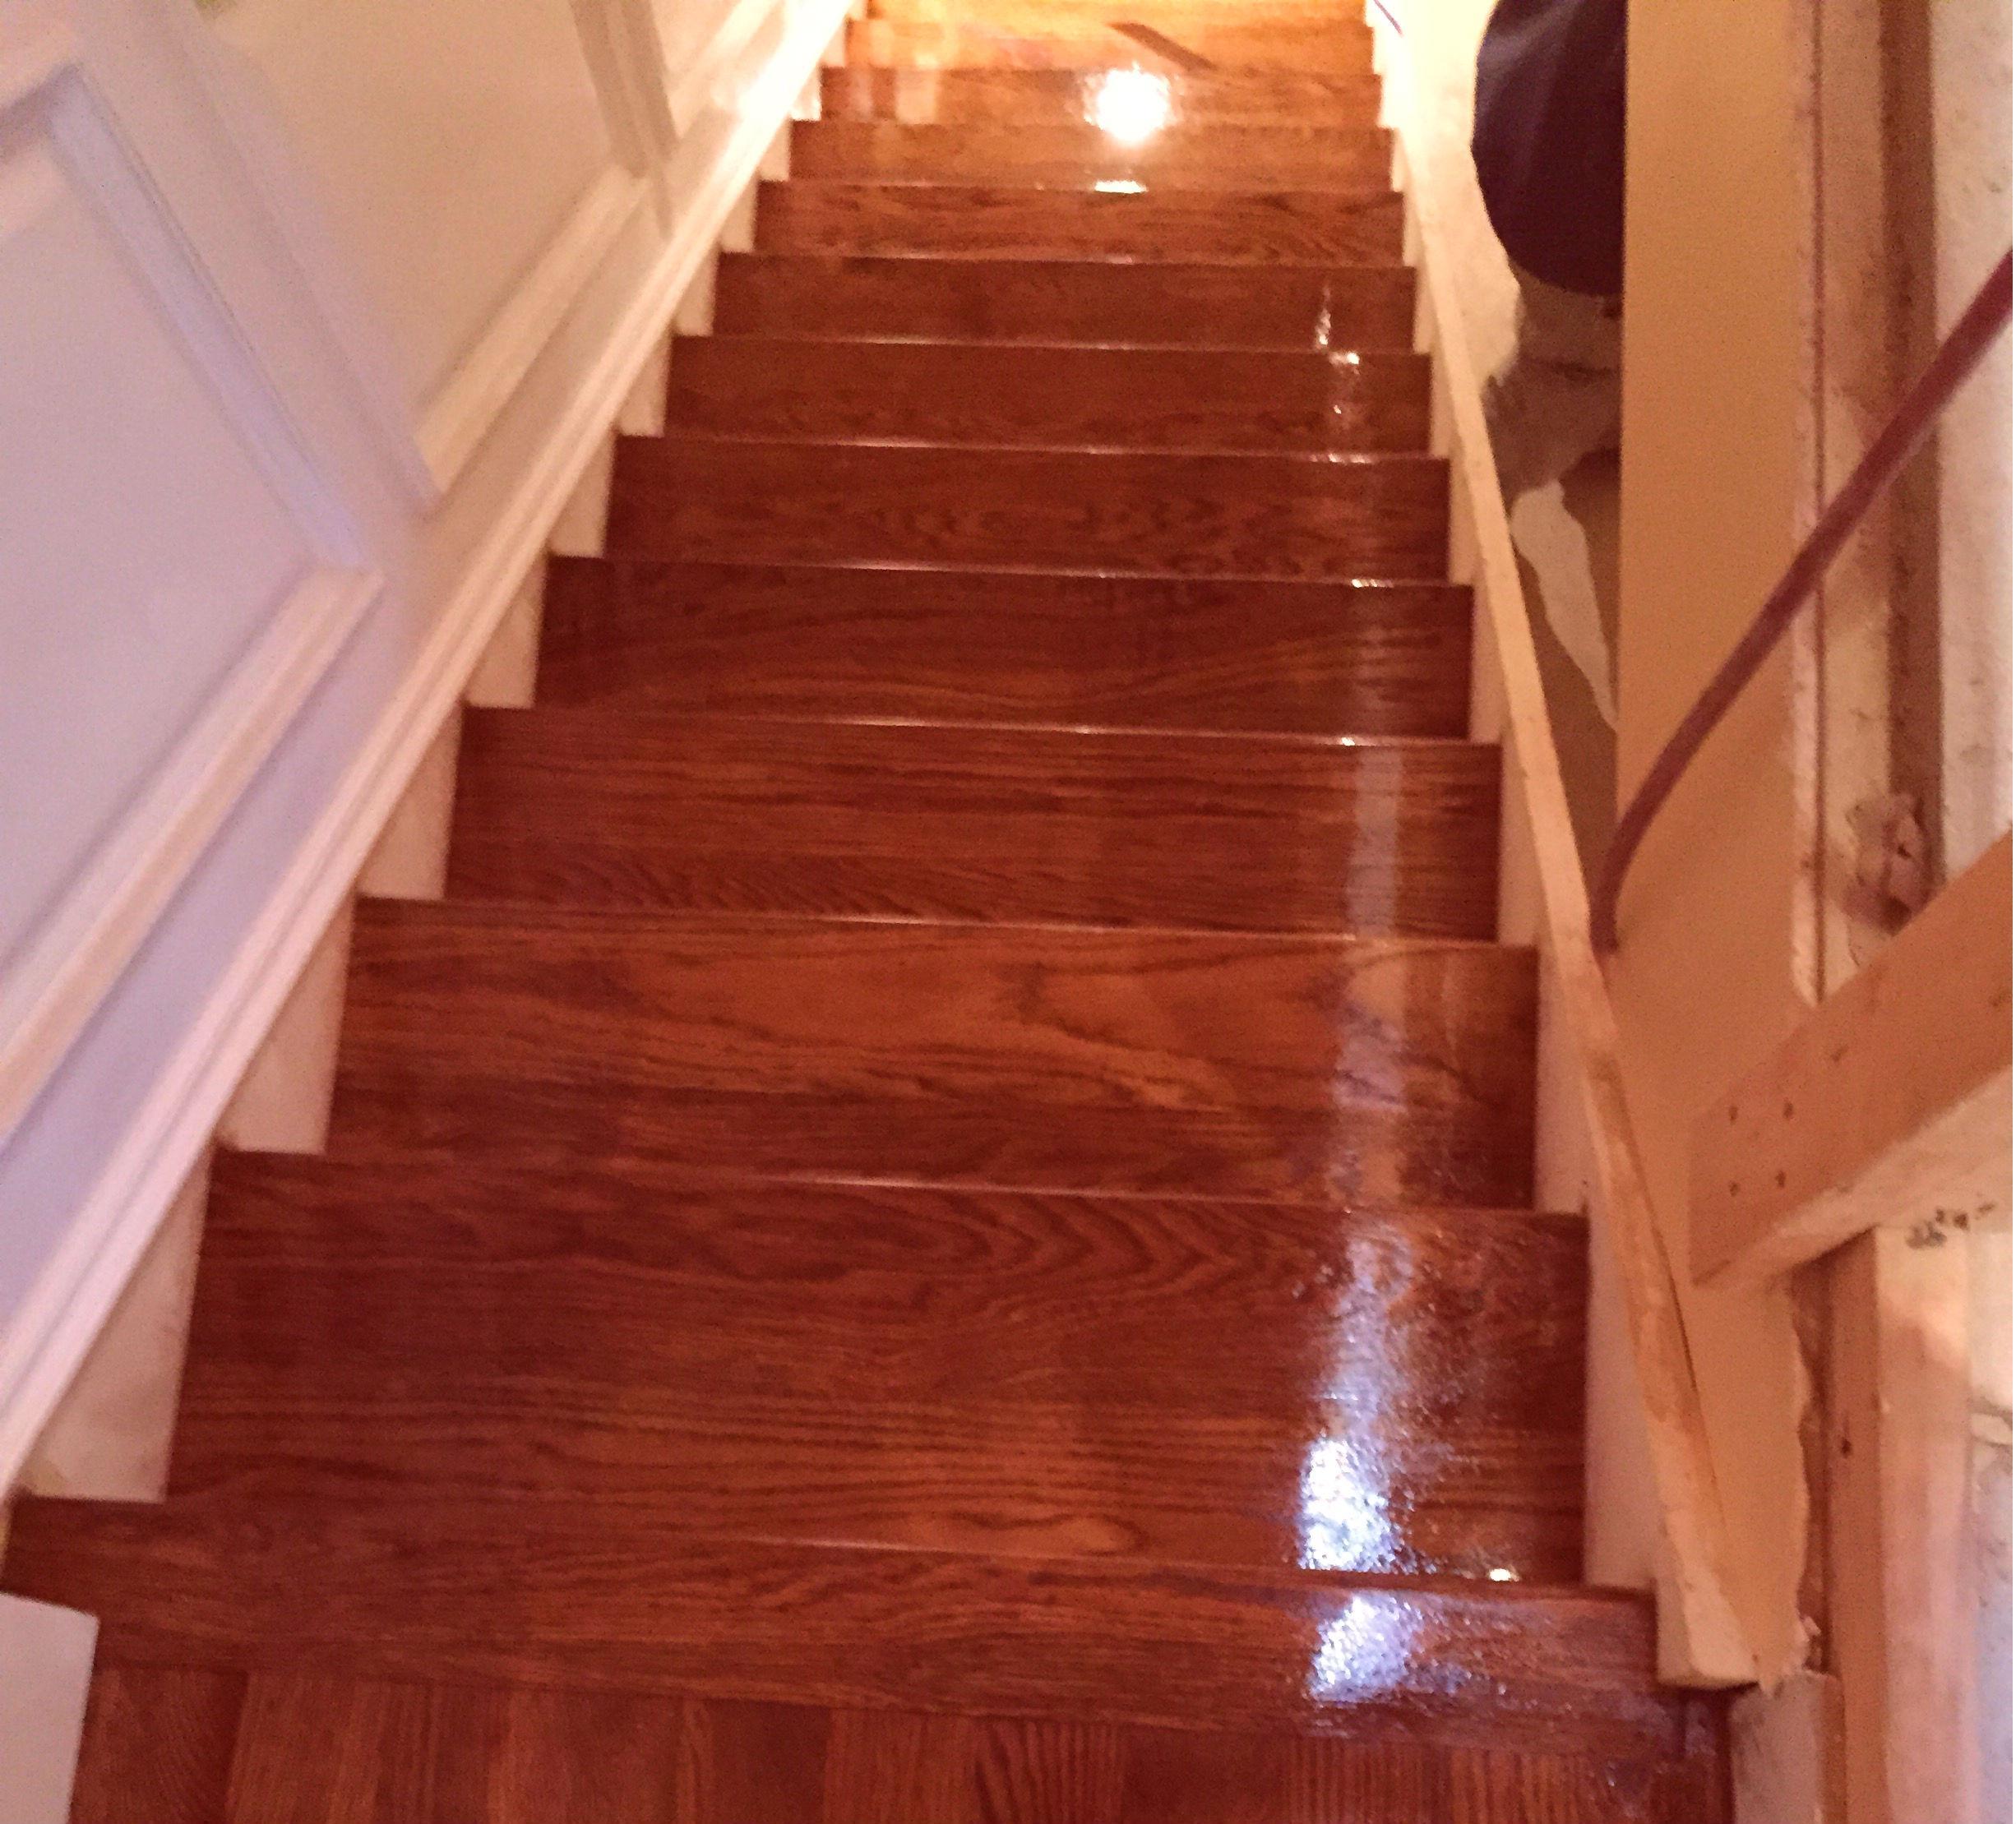 Joe DiNardis Hardwood Floors Refinishing image 11